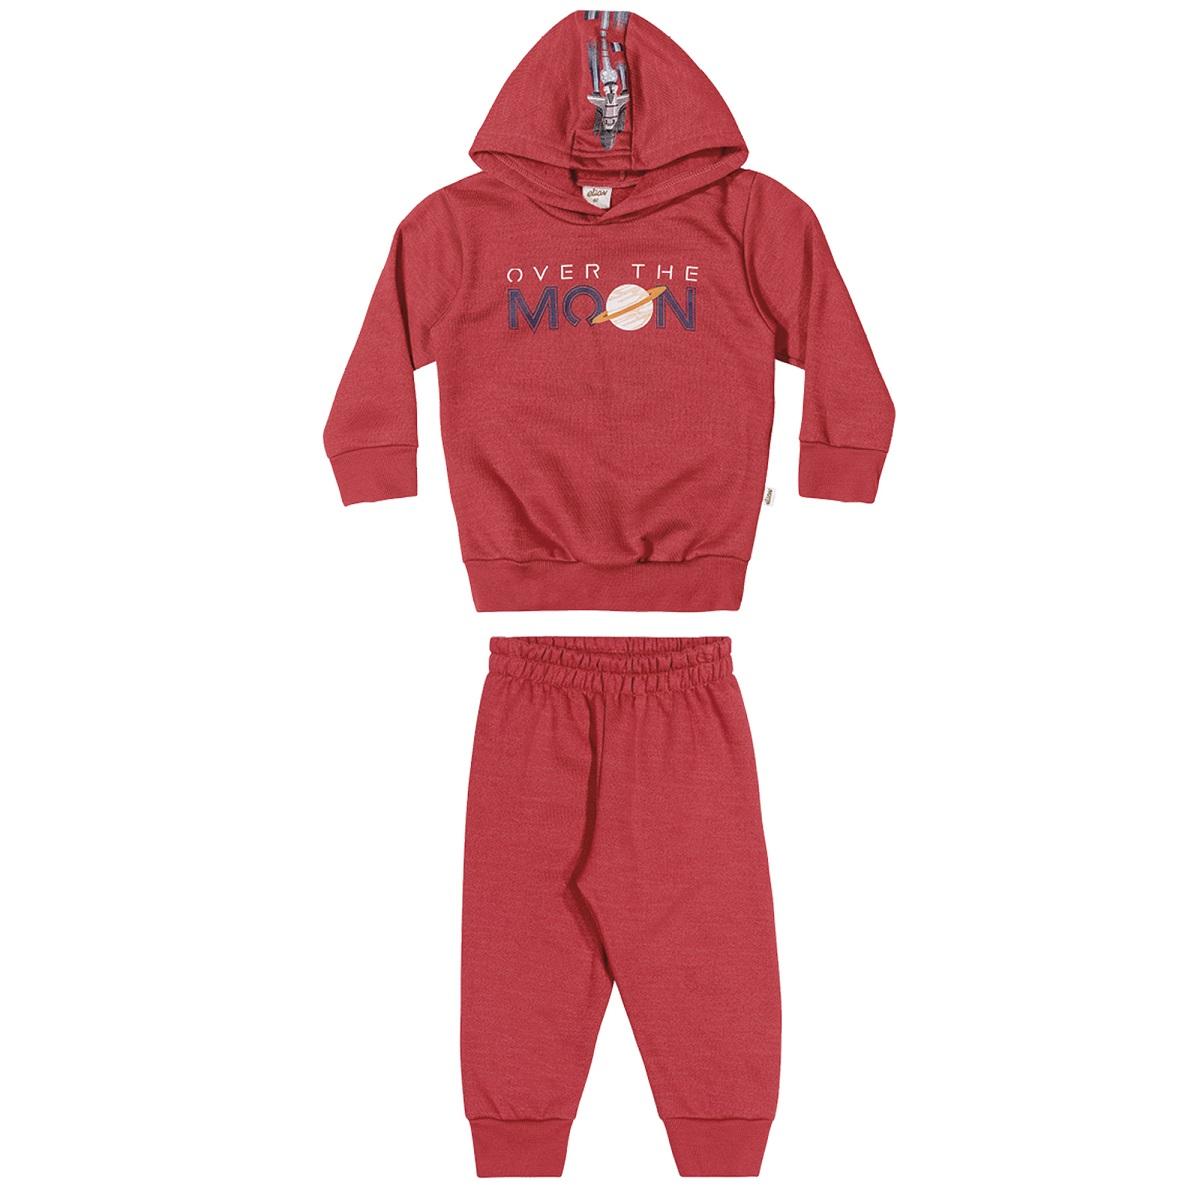 Conjunto Infatil Masculino Blusão e Calça - ELIAN 221110